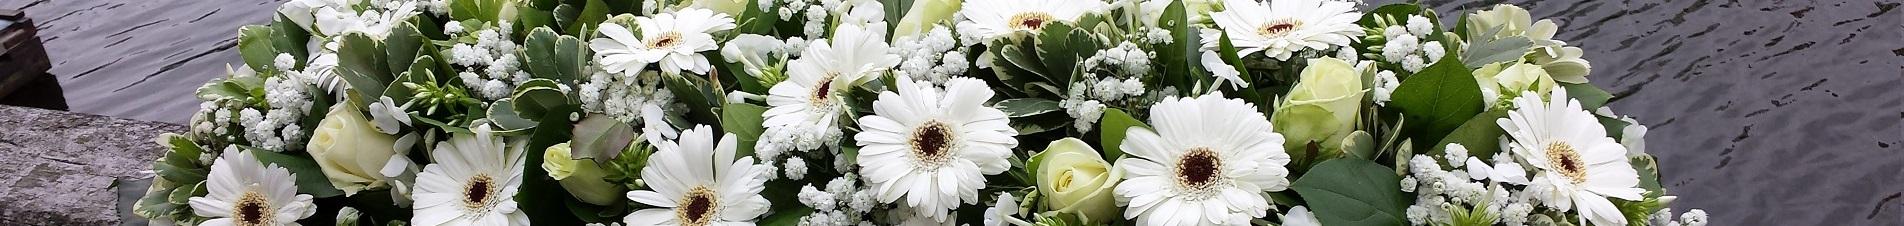 bloemen versturen naar  rouwarrangementen